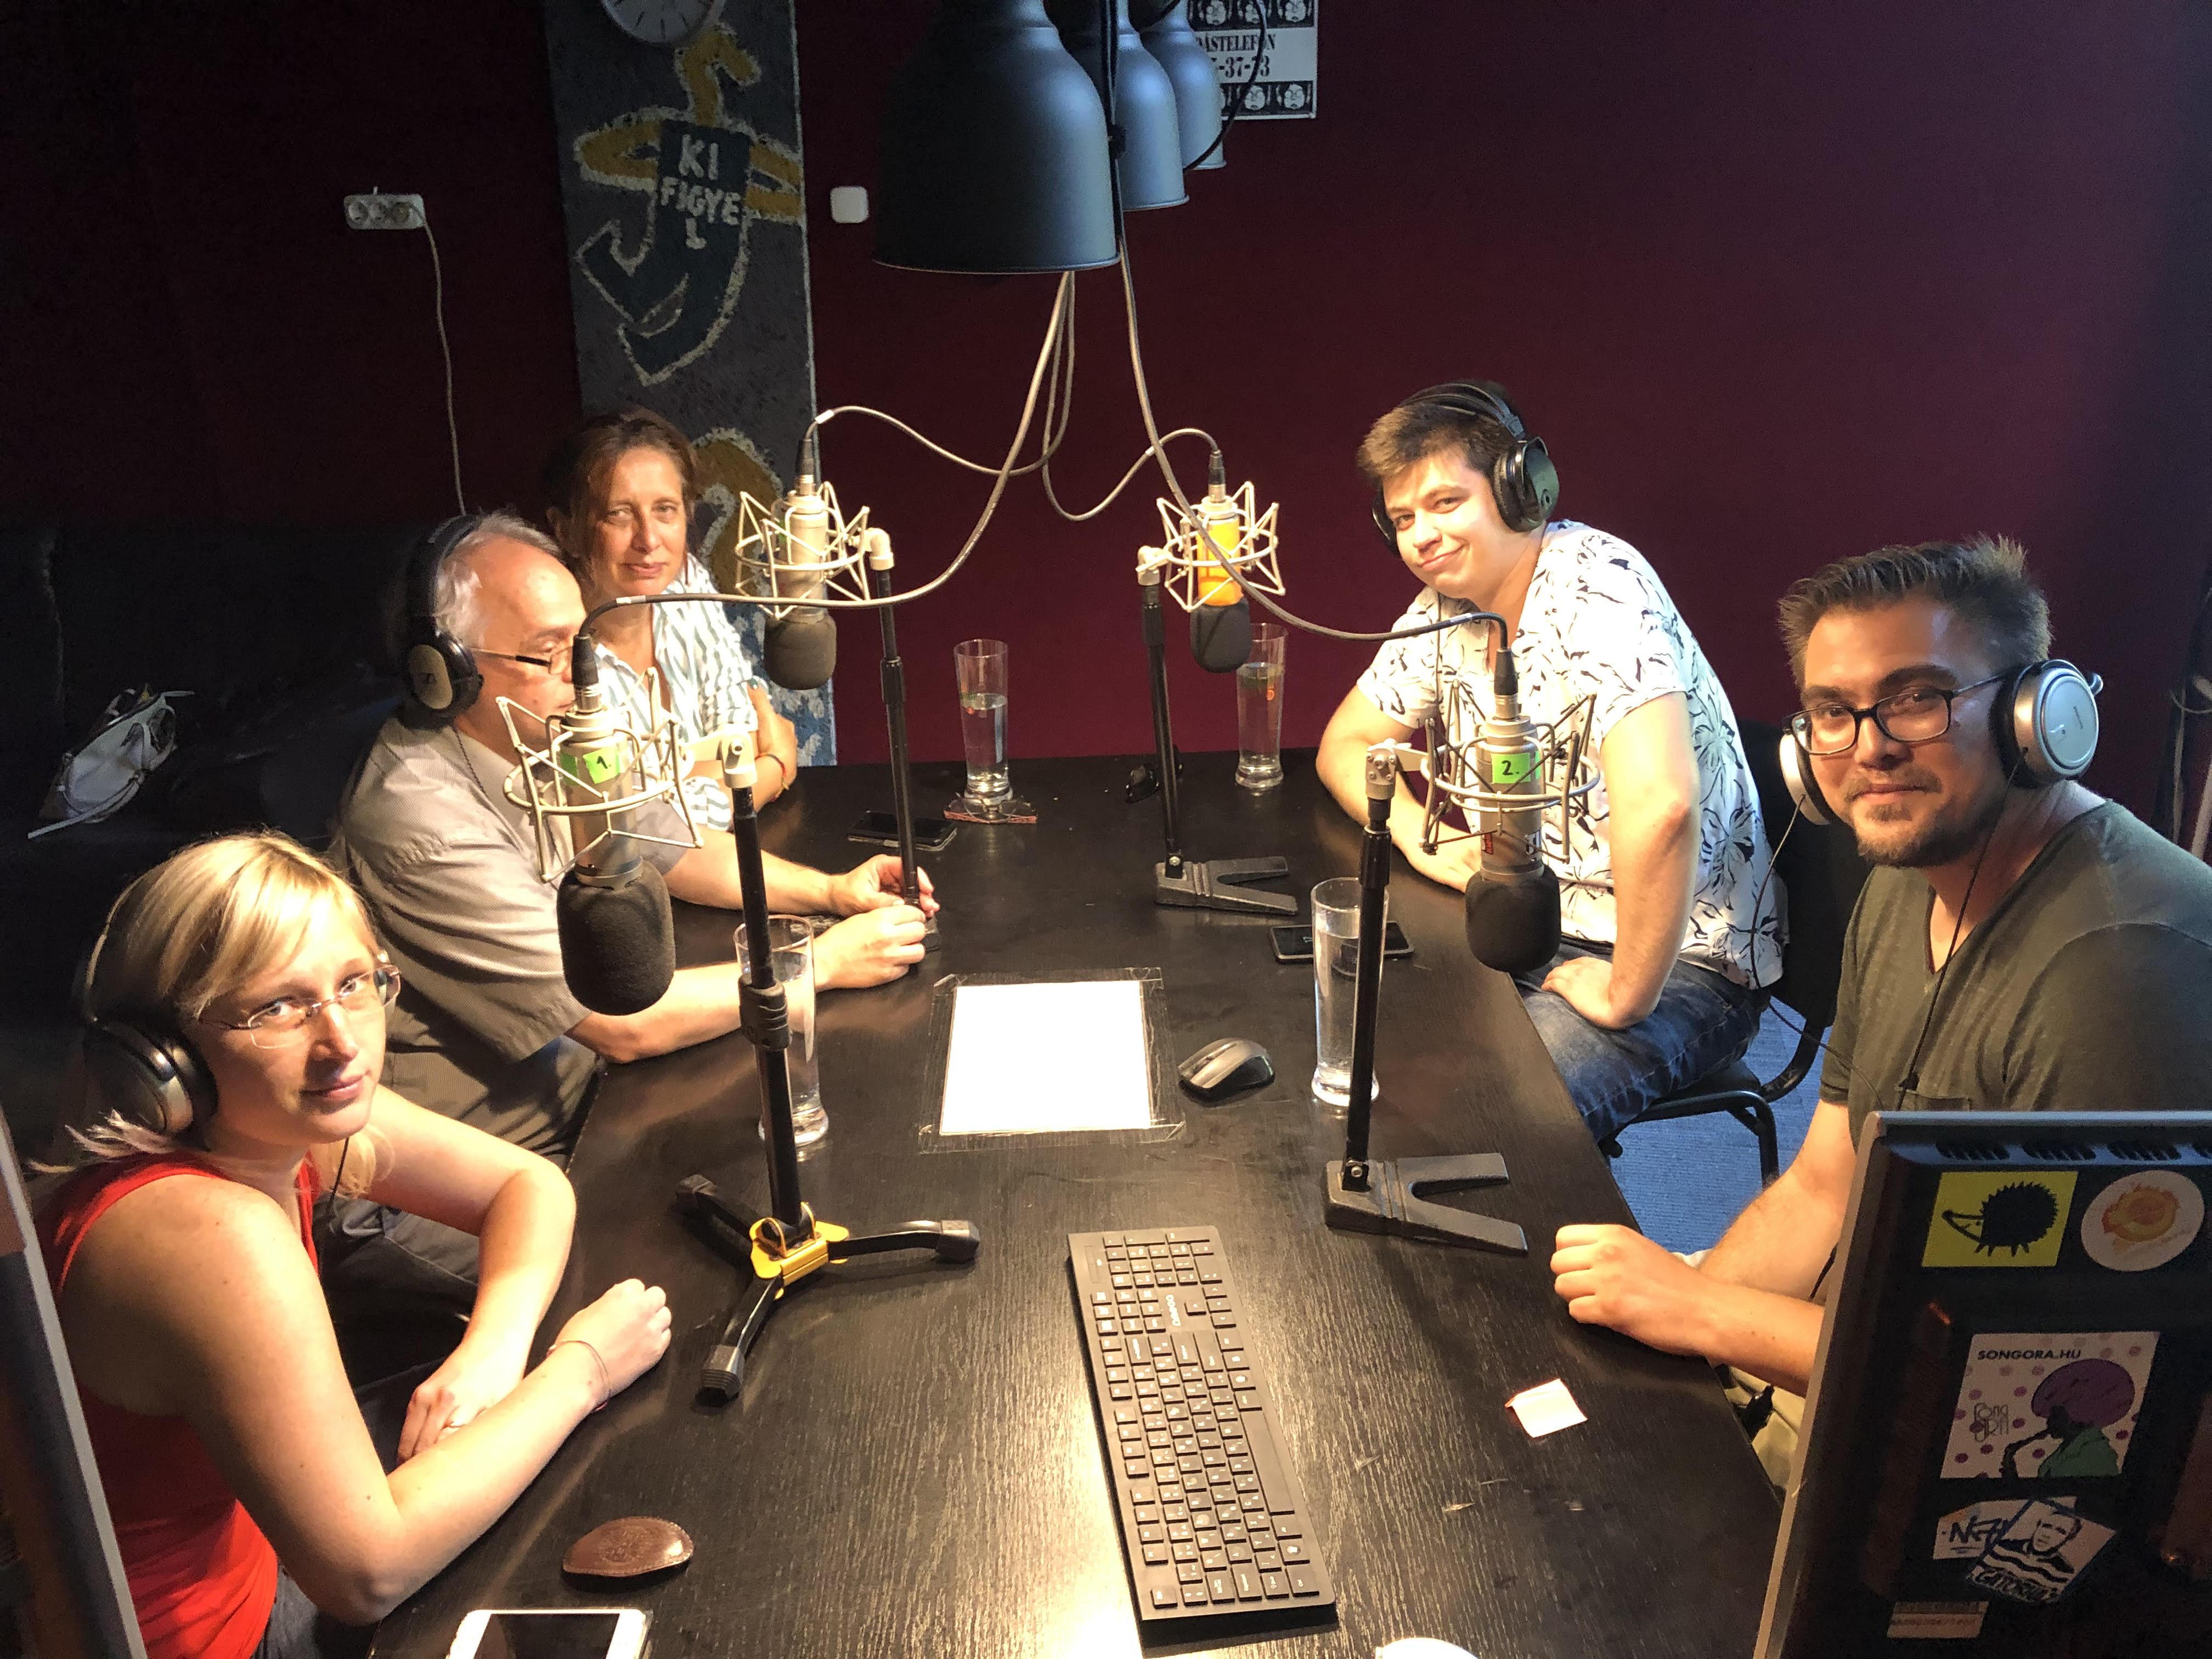 Katus Eszter, Horn Gabriella, Bátorfy Attila és Horváth András a Tilos rádióban, 2019.08.27.